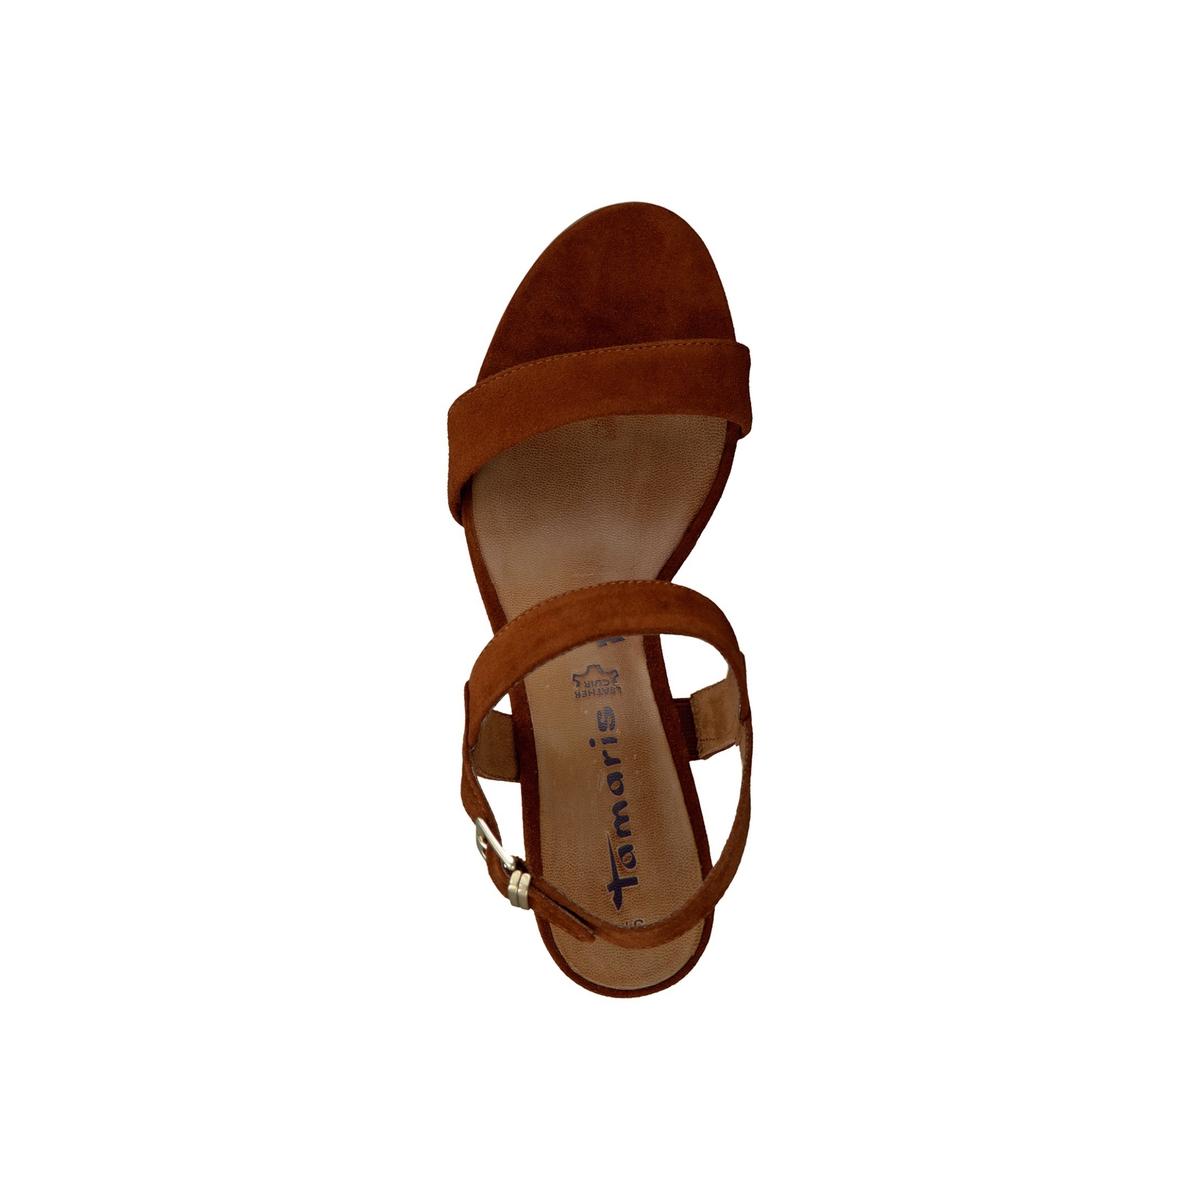 Босоножки кожаные 28321-28Верх/Голенище : кожа    Подкладка : текстиль    Стелька : кожа    Подошва : синтетика    Высота каблука : 7 см    Форма каблука : квадратный каблук    Мысок : закругленный мысок    Застежка : пряжка<br><br>Цвет: каштановый,черный